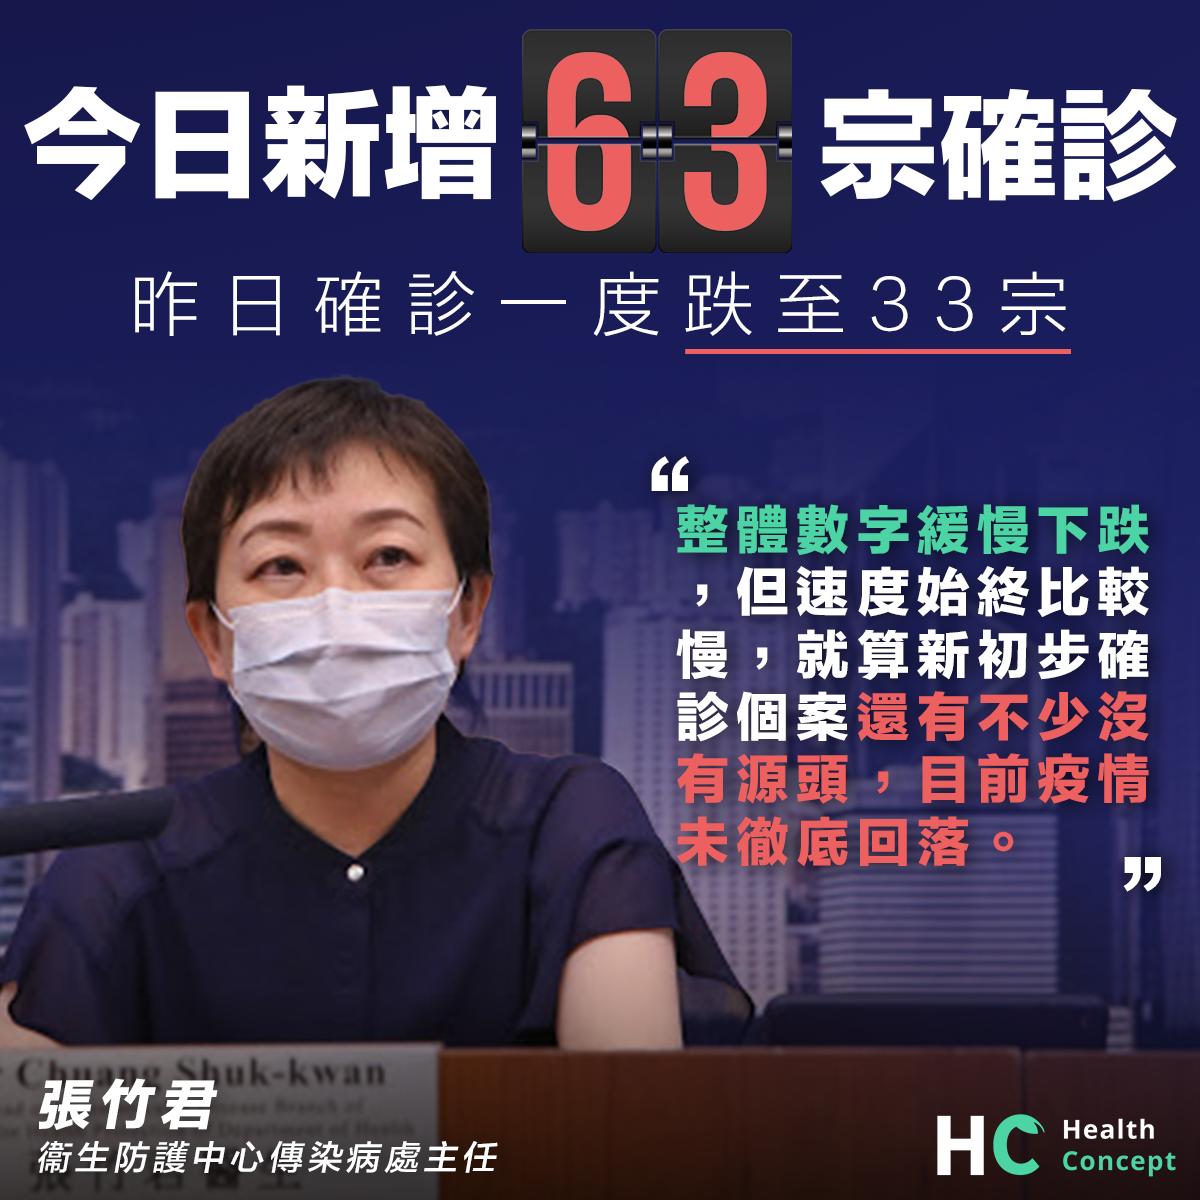 【新型肺炎】今日新增63宗確診個案 昨日確診一度跌至33宗